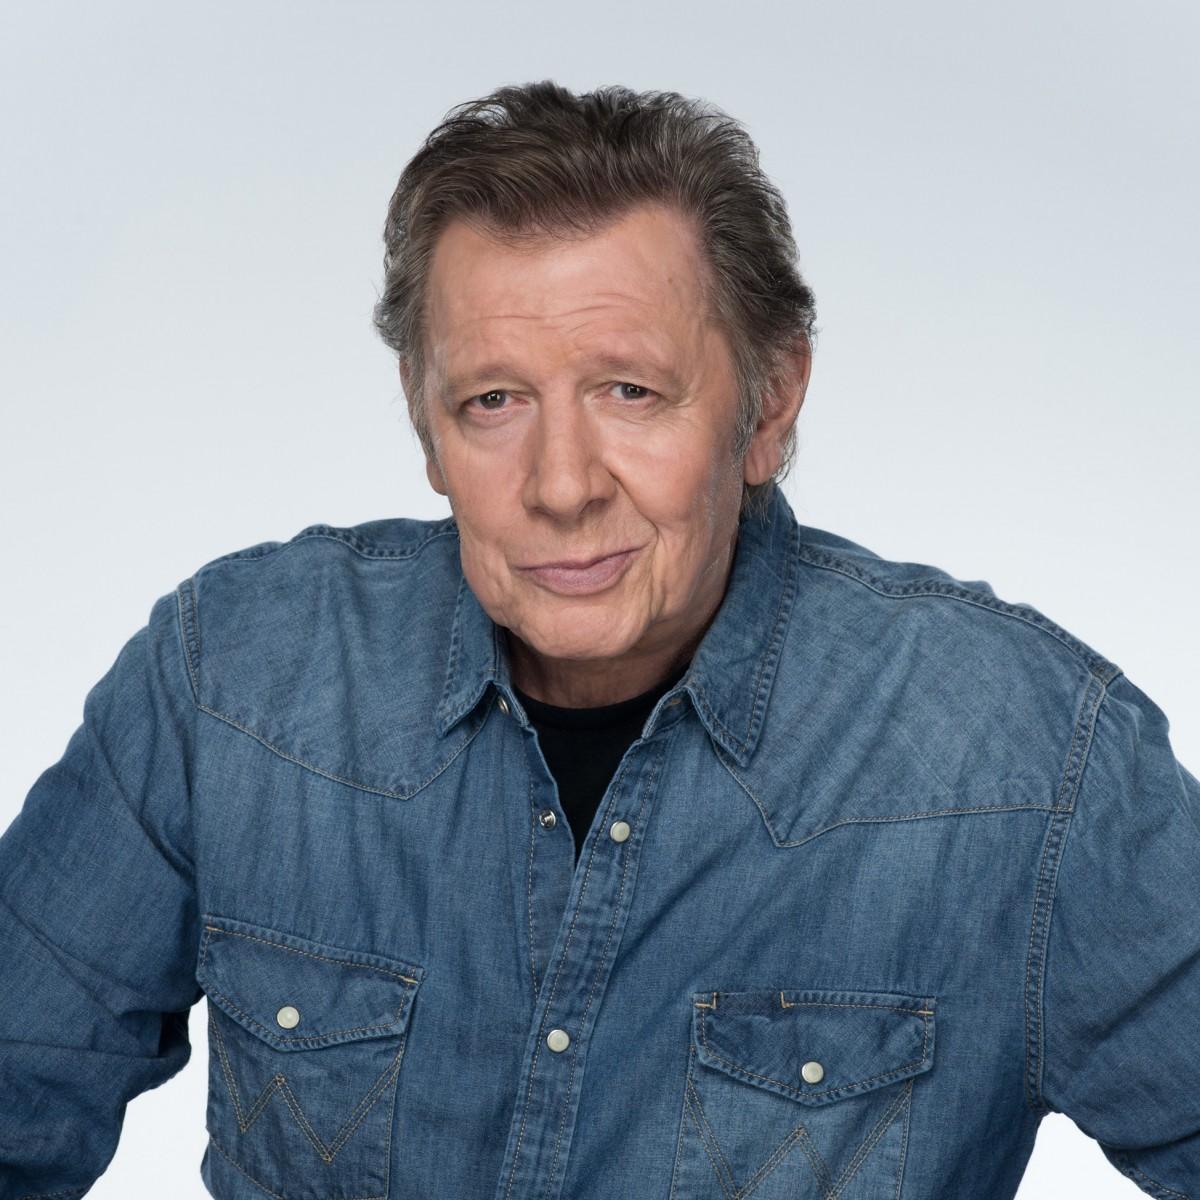 """Trauerfeier für Jan Fedder wird im NDR übertragen – ARD wiederholt ausgewählte """"Großstadtrevier""""-Folgen – Bild: ARD/Thorsten Jander"""